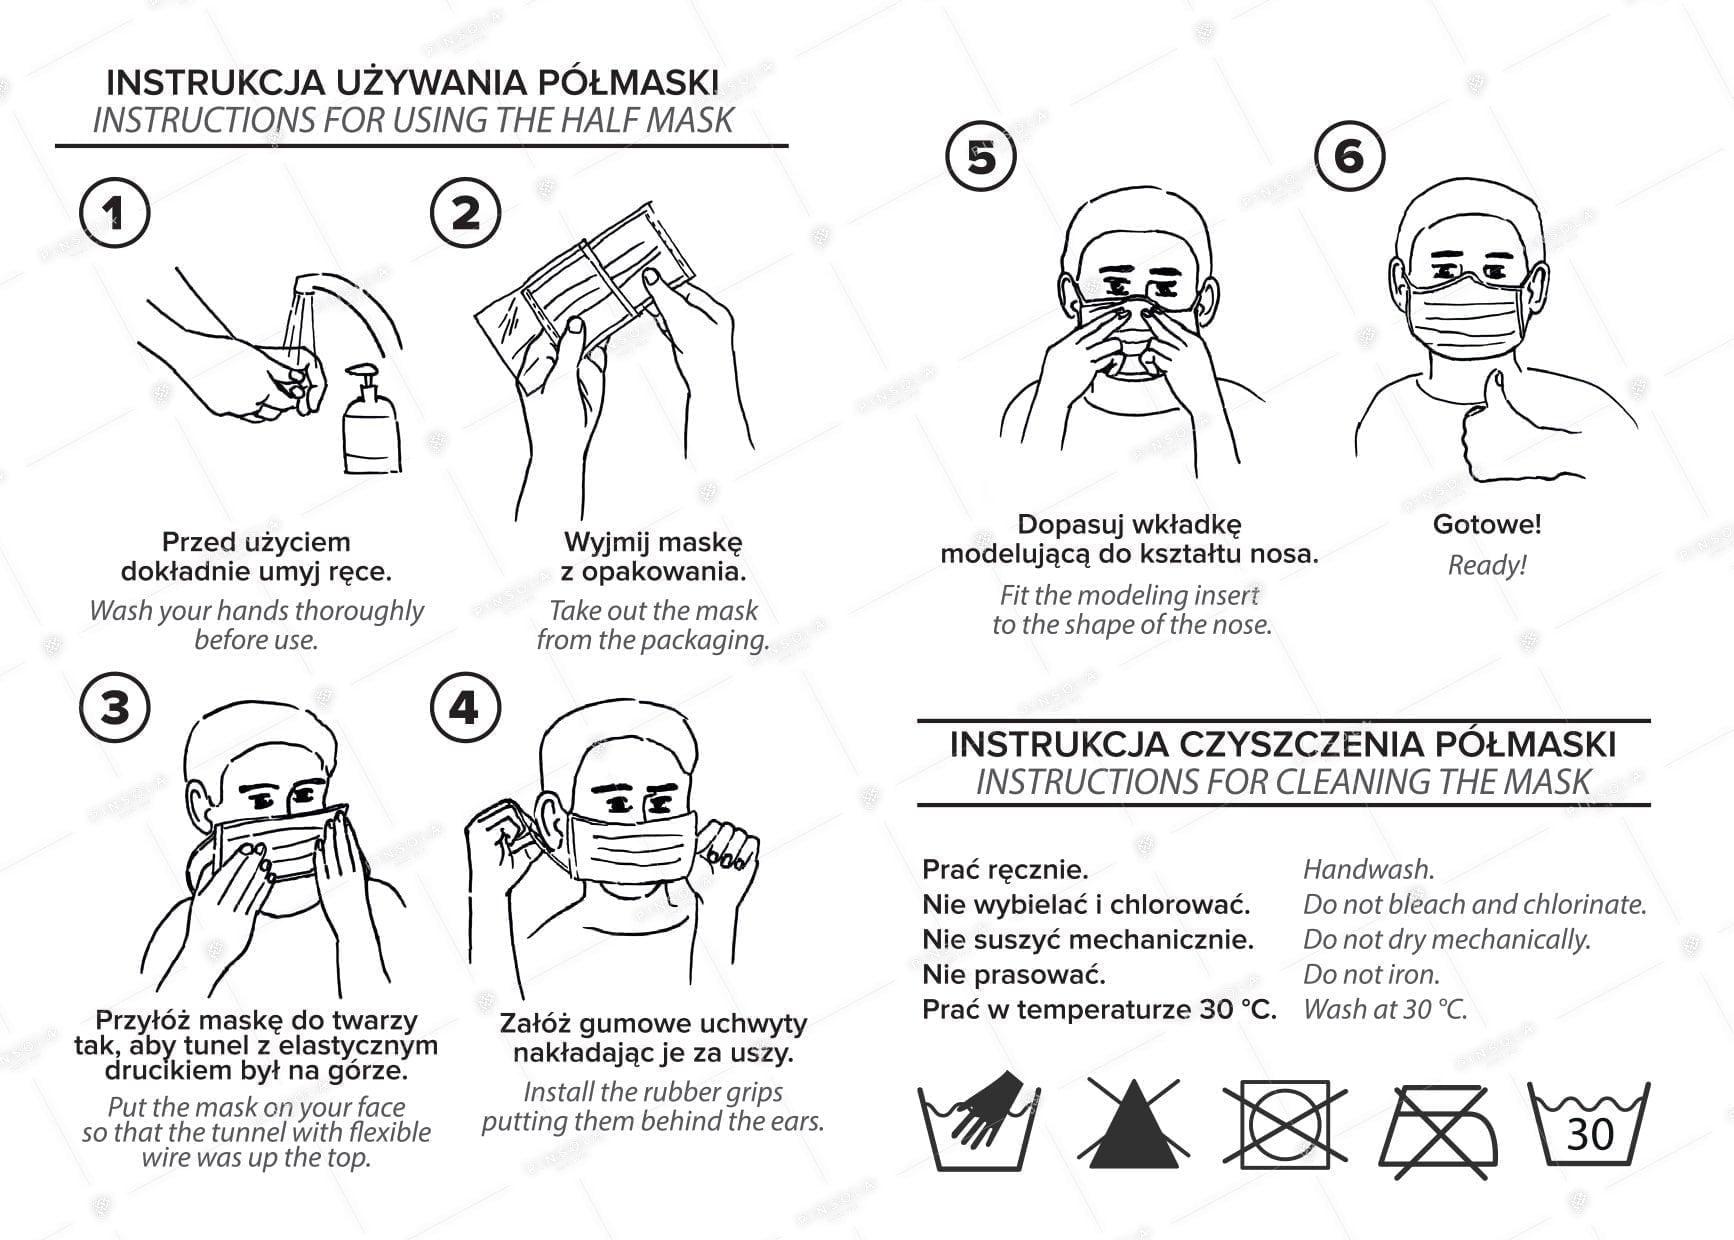 maski-ochronne-instrukcja-prania_big